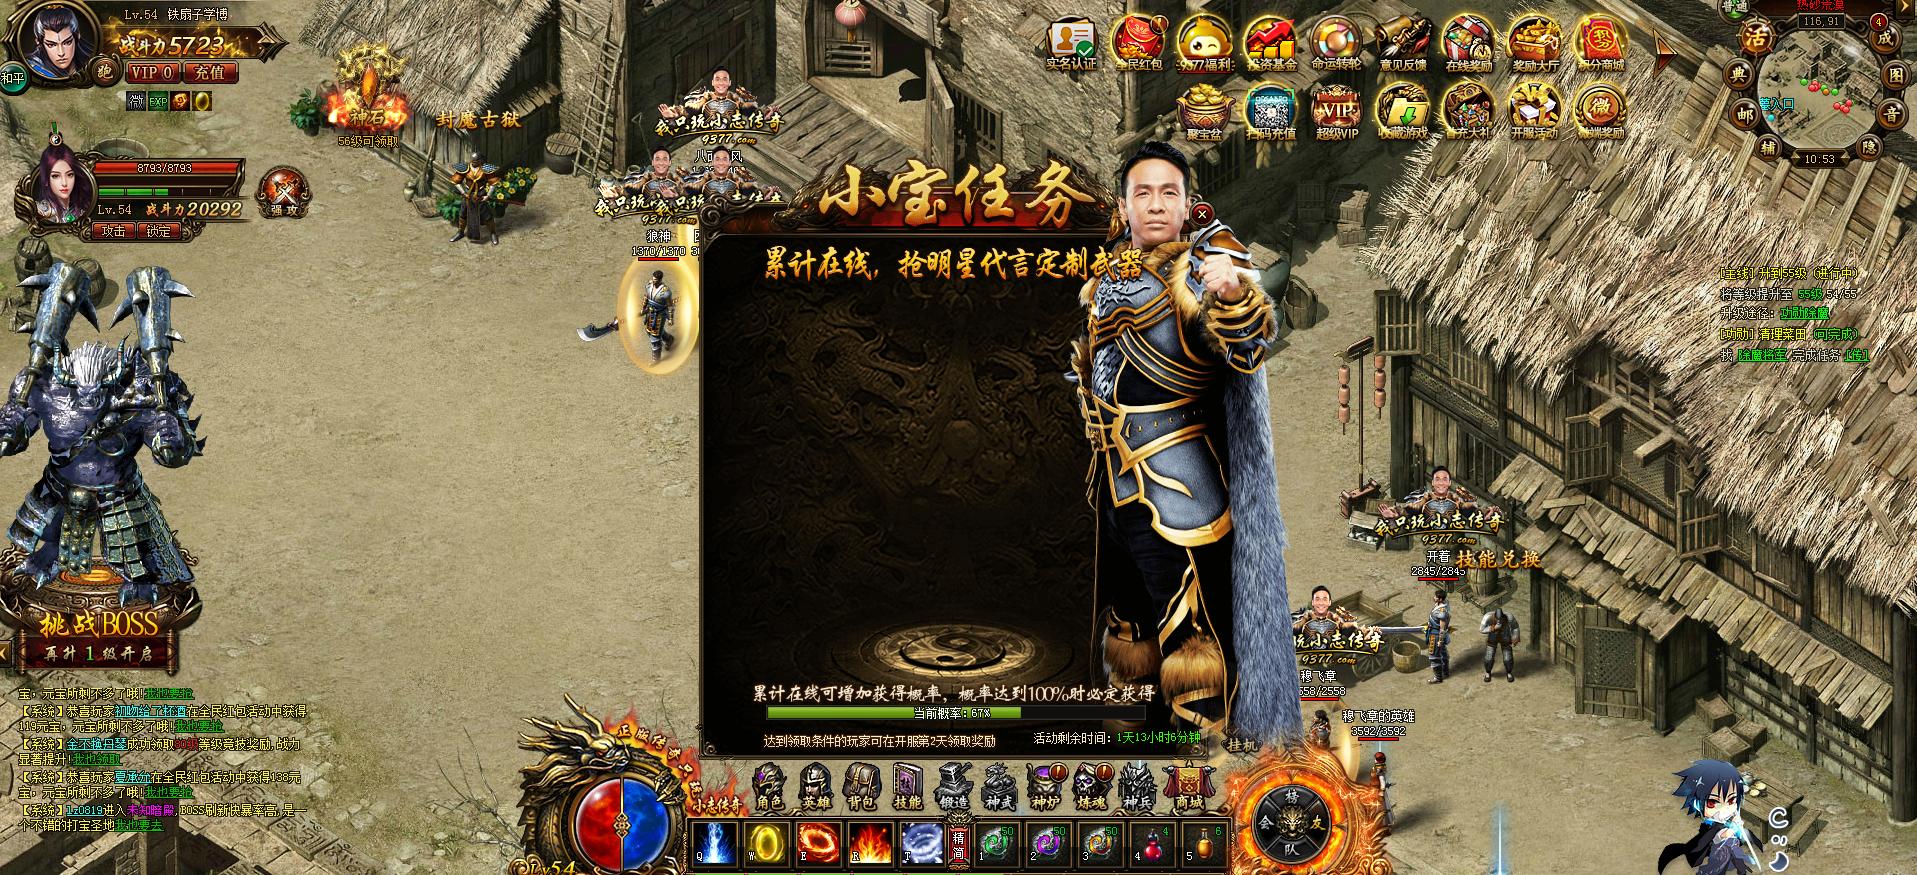 烈焰之小志传奇林志颖宋小宝代言版 v1.0